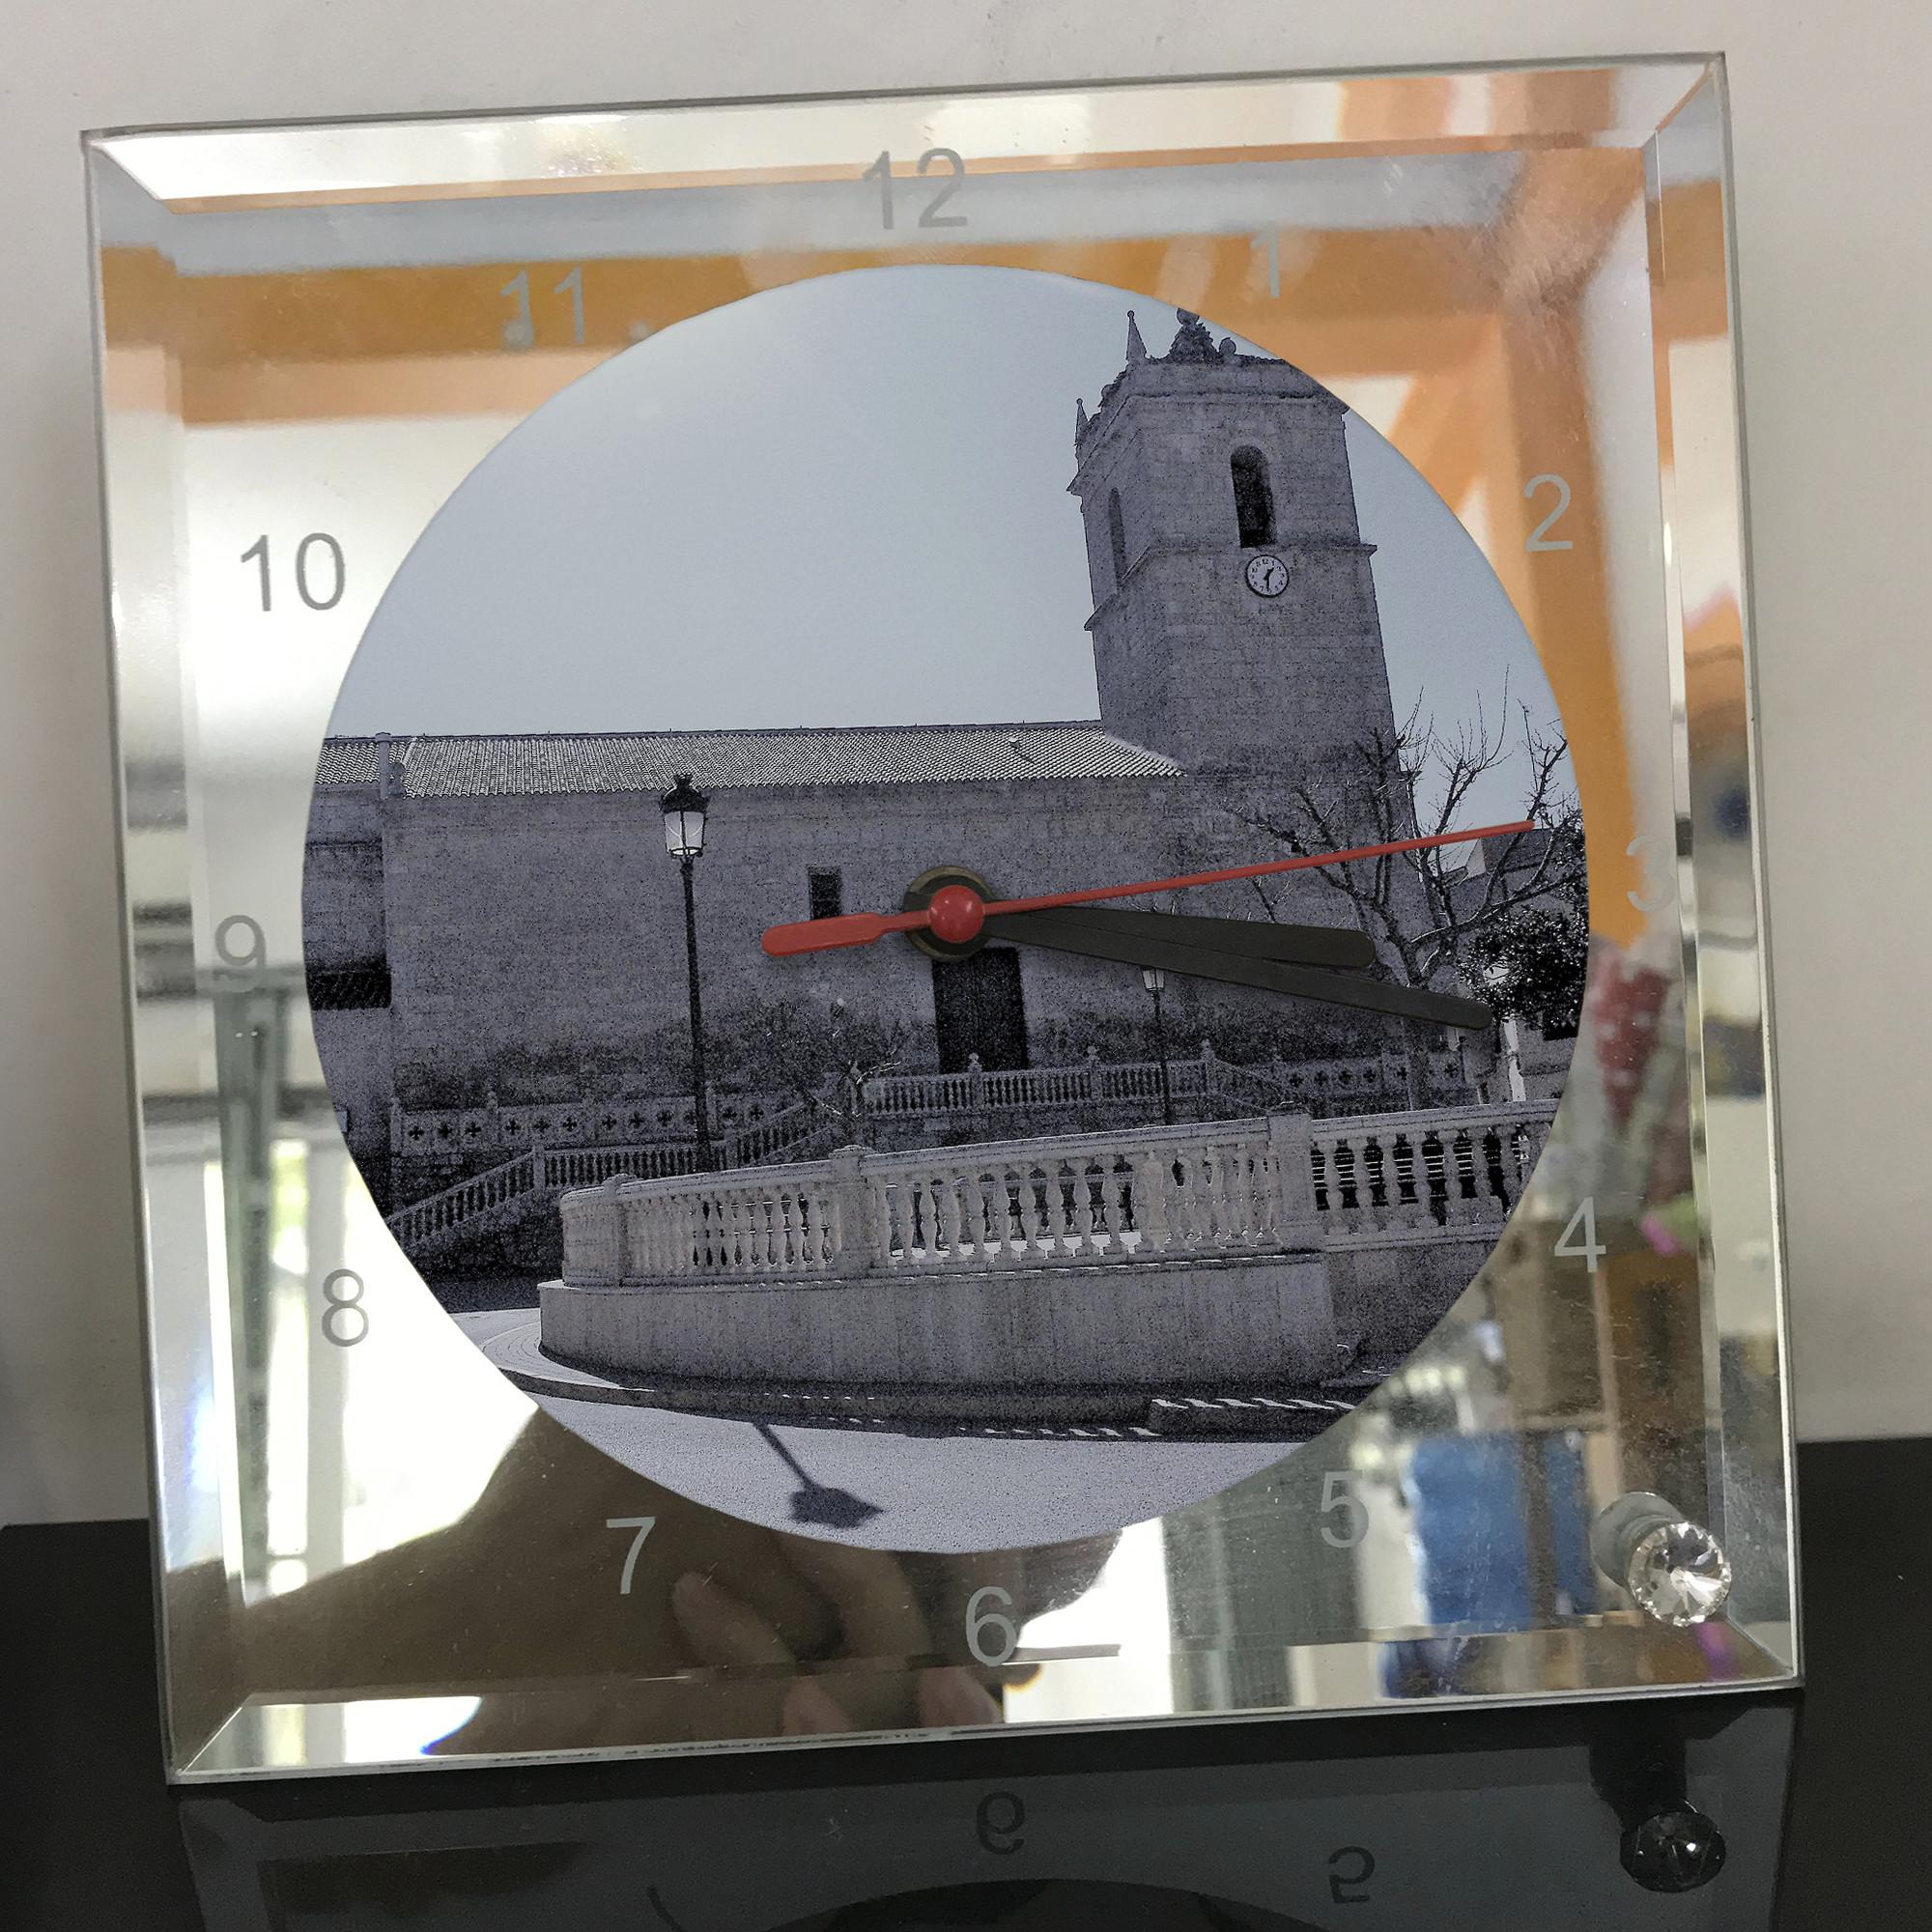 Đồng hồ thủy tinh vuông 20x20 in hình Church - nhà thờ (108) . Đồng hồ thủy tinh để bàn trang trí đẹp chủ đề tôn giáo